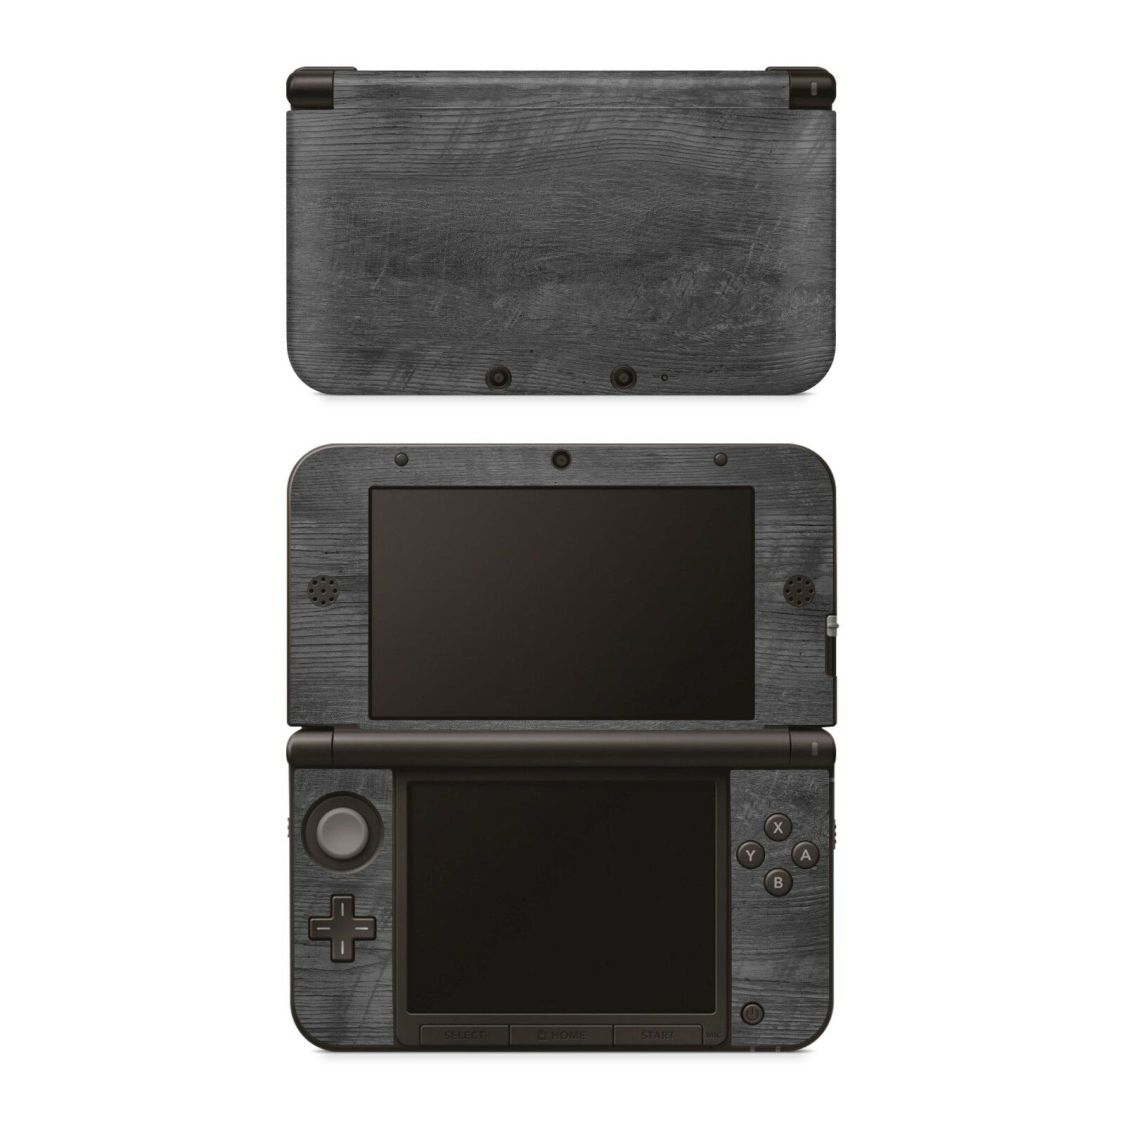 Nintendo NEW 3DS XL Aufkleber Skin Klebefolie Schutzfolie Sticker Grey Woodgrain